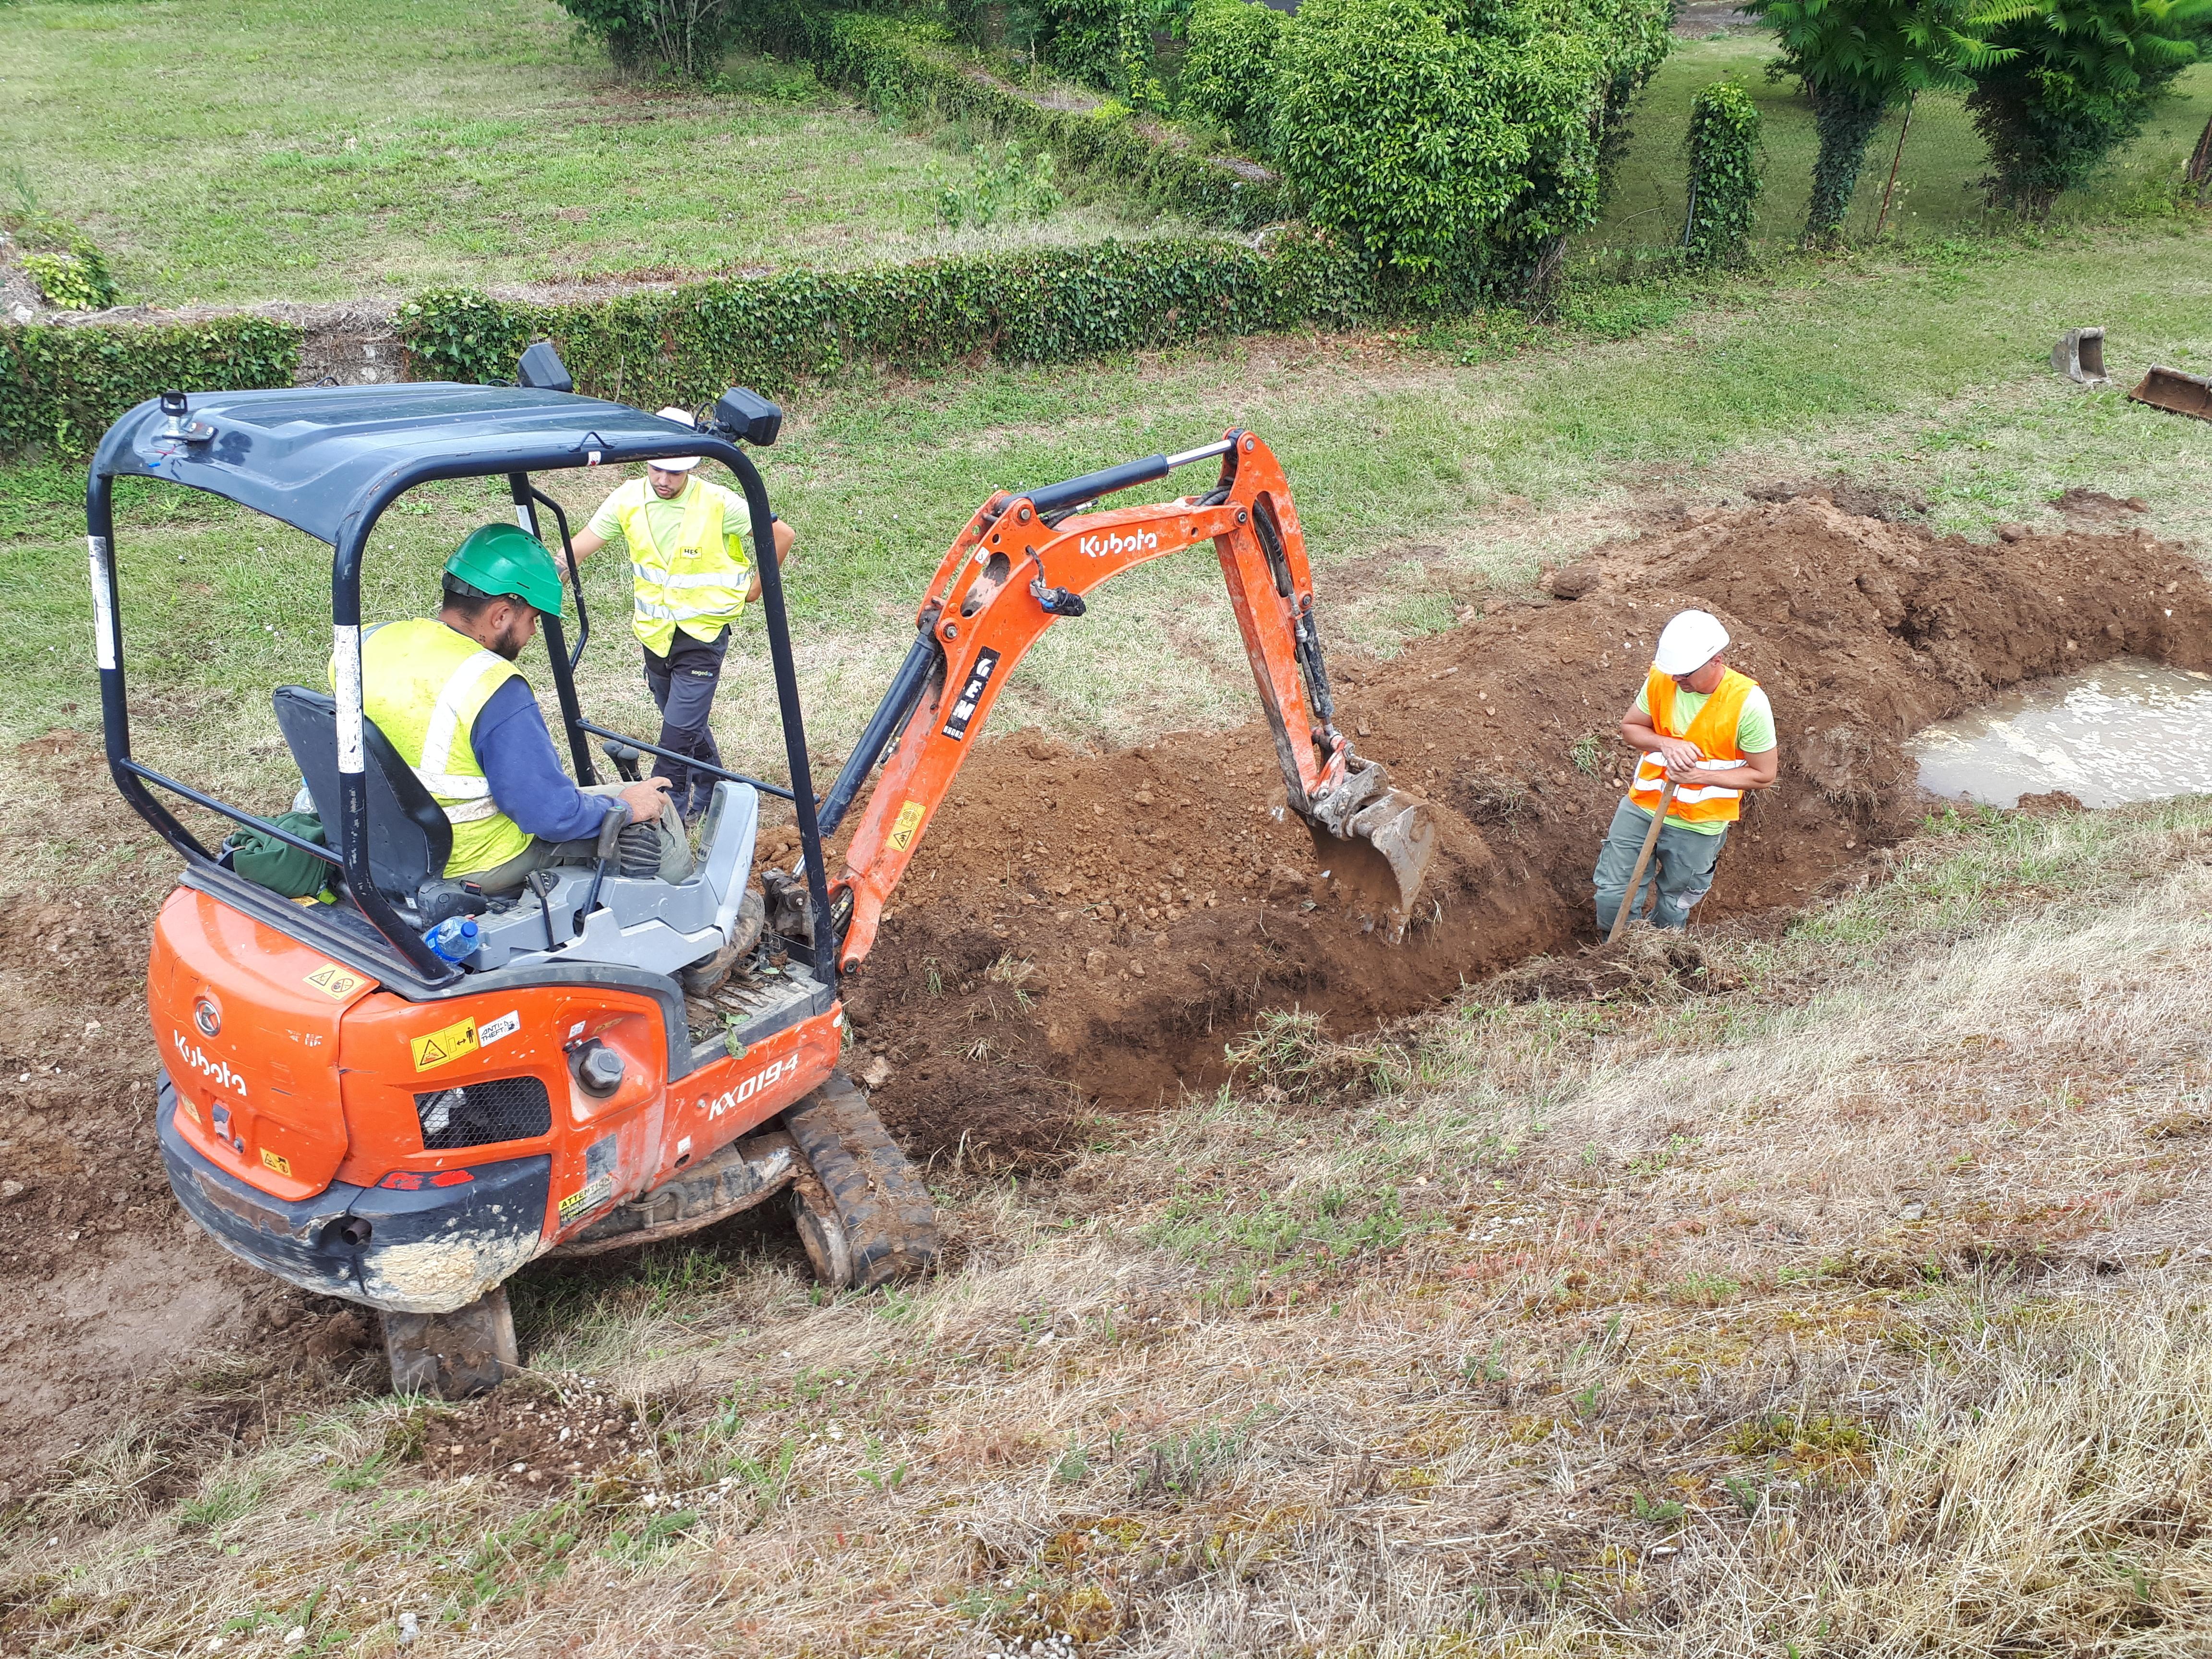 Chantérac et St Vincent de Connezac (Dordogne) : flash info 02 (09 heures 22) : travaux toujours en cours